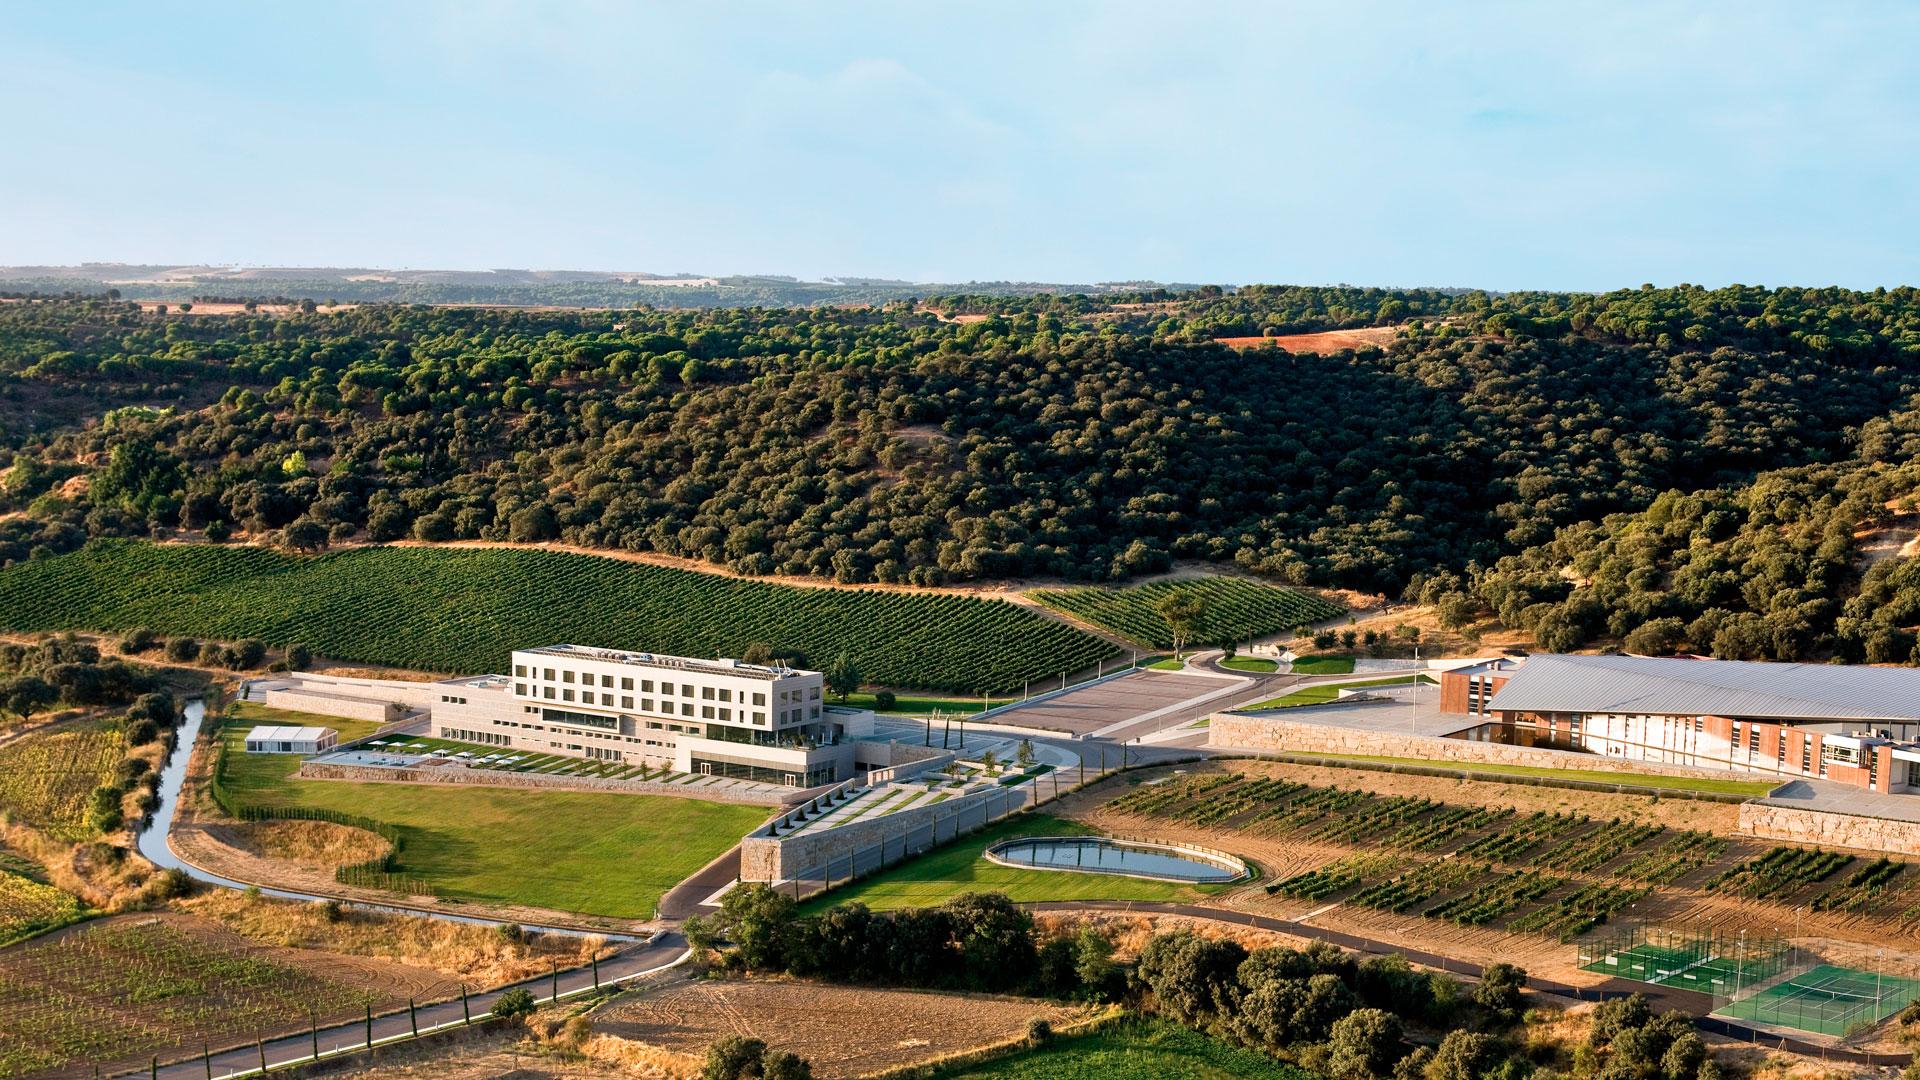 Imagen del hotel Valbusenda en Zamora